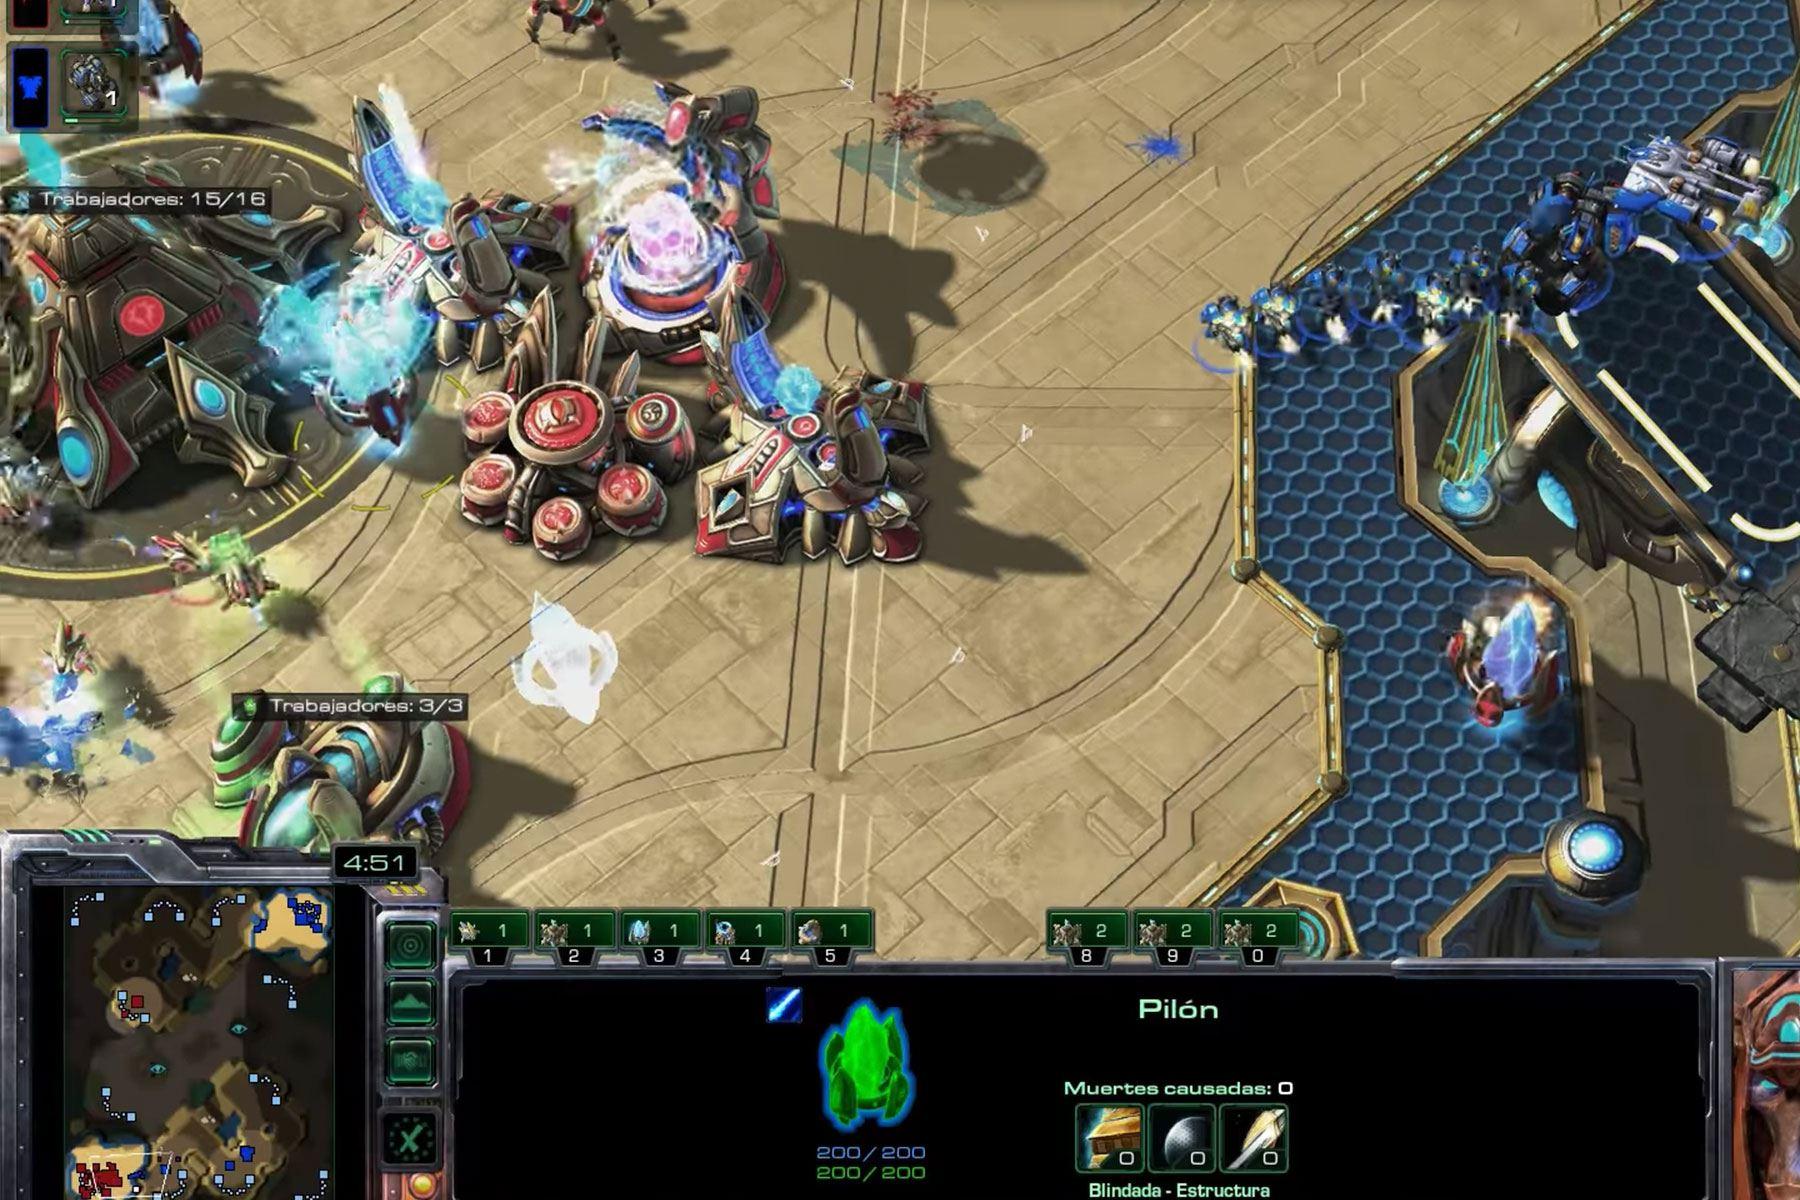 La inteligencia artificial AlphaStar logró ubicarse por encima del 99.8% de jugadores de StarCraft II. Imagen: captura de pantalla.